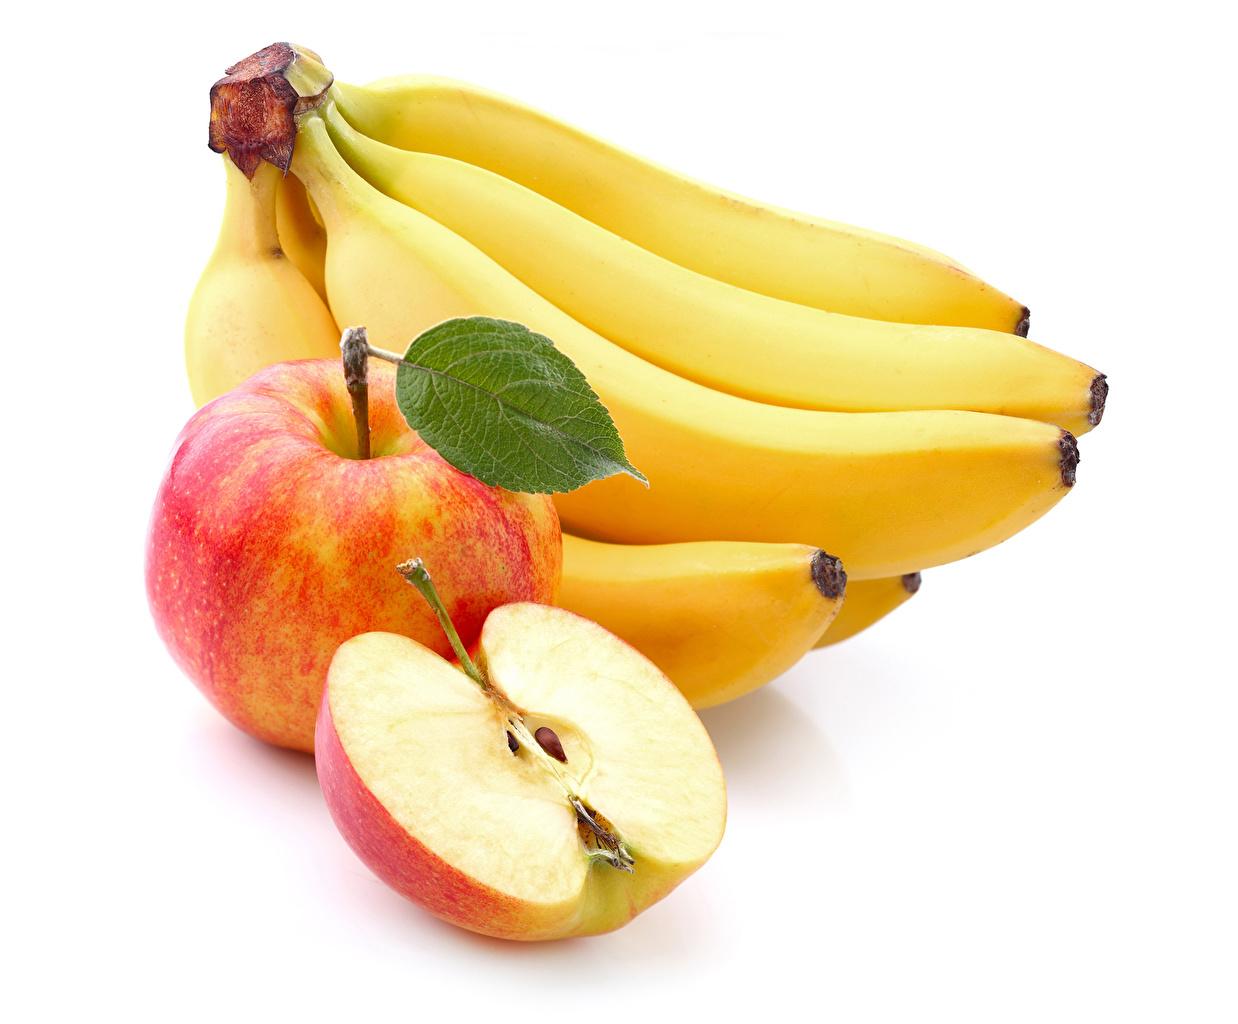 Фотографии Яблоки Бананы Еда Фрукты Белый фон Крупным планом Пища Продукты питания вблизи белом фоне белым фоном